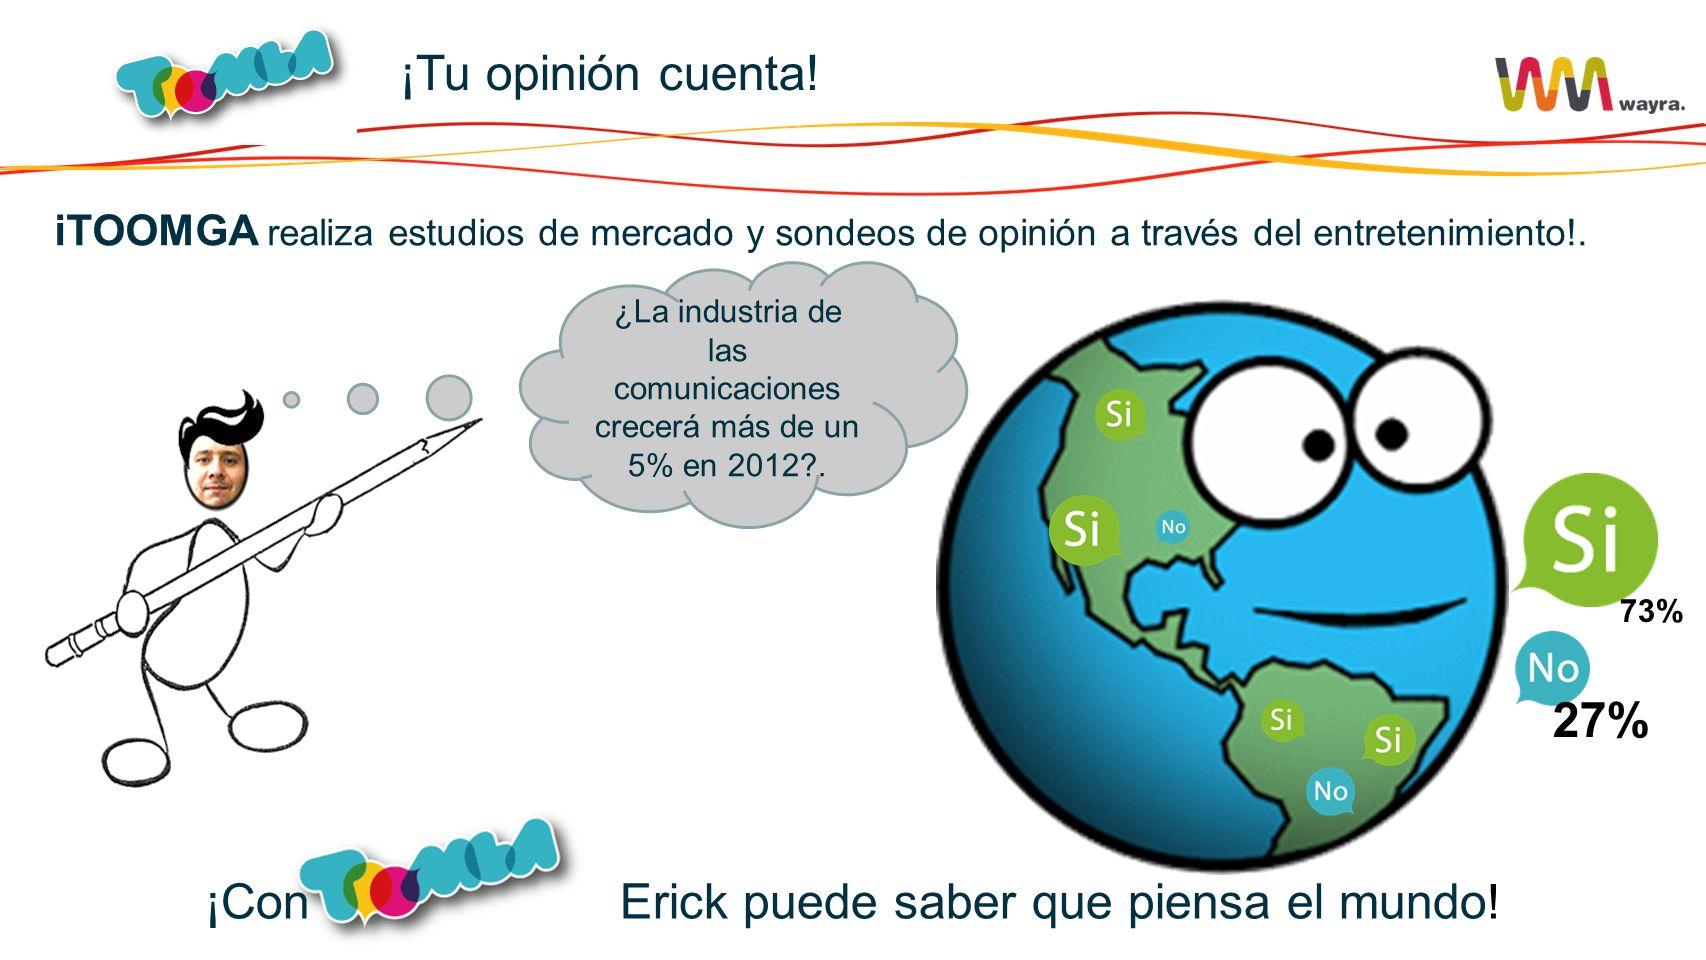 ¡Con Erick puede saber que piensa el mundo .